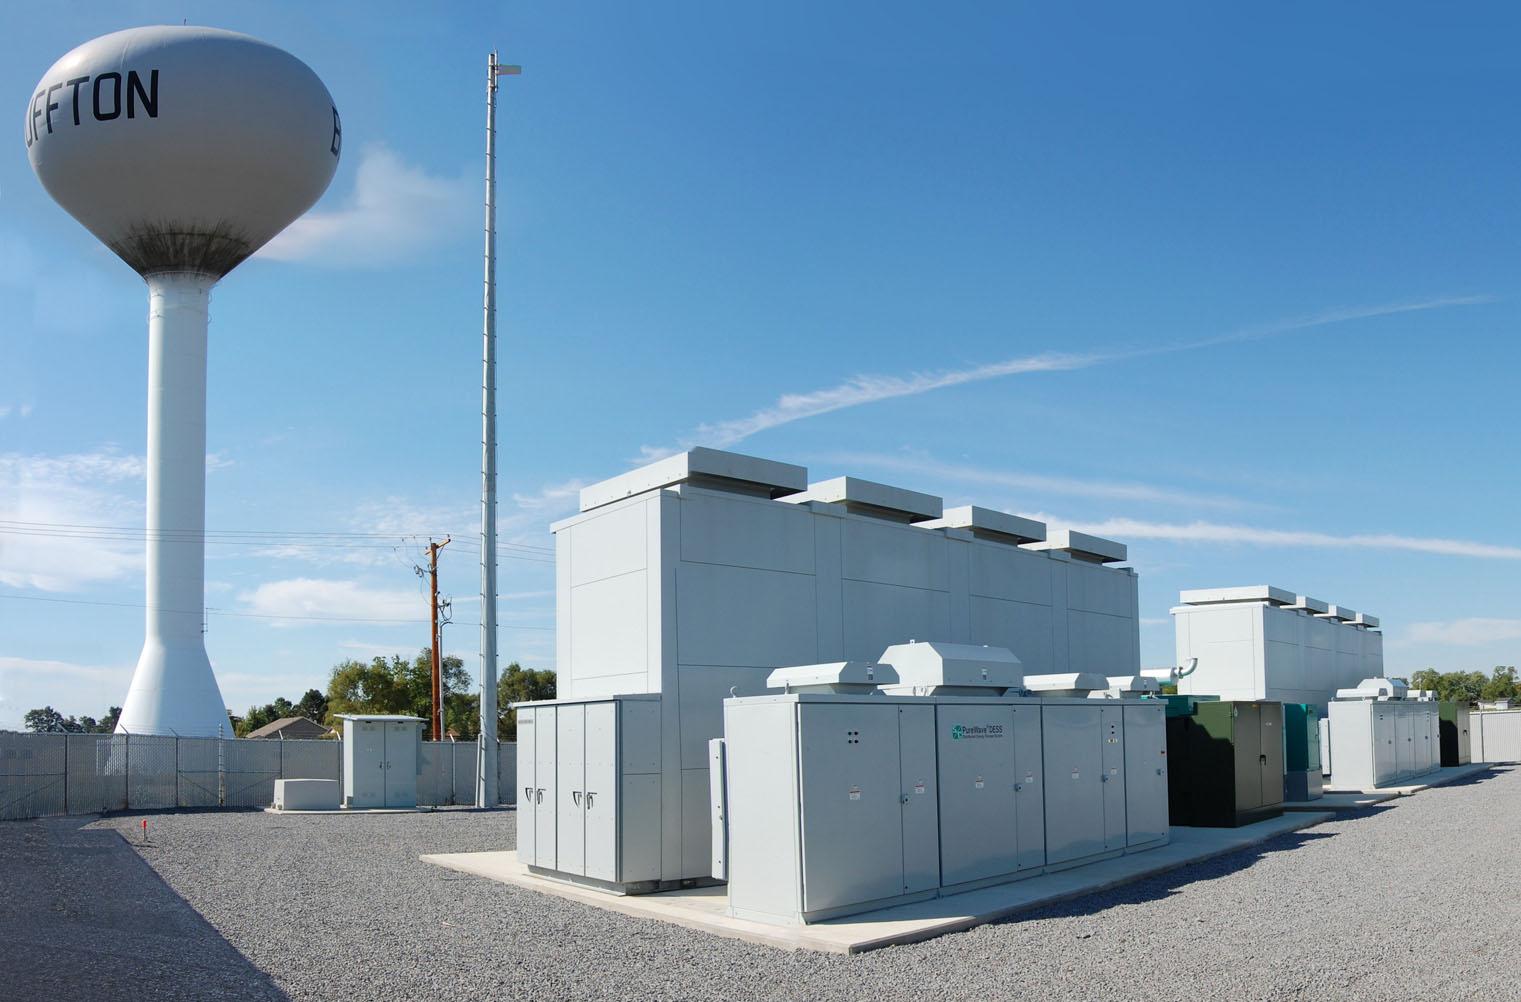 电池行业新战场  比亚迪、宝马等企业布局储能市场